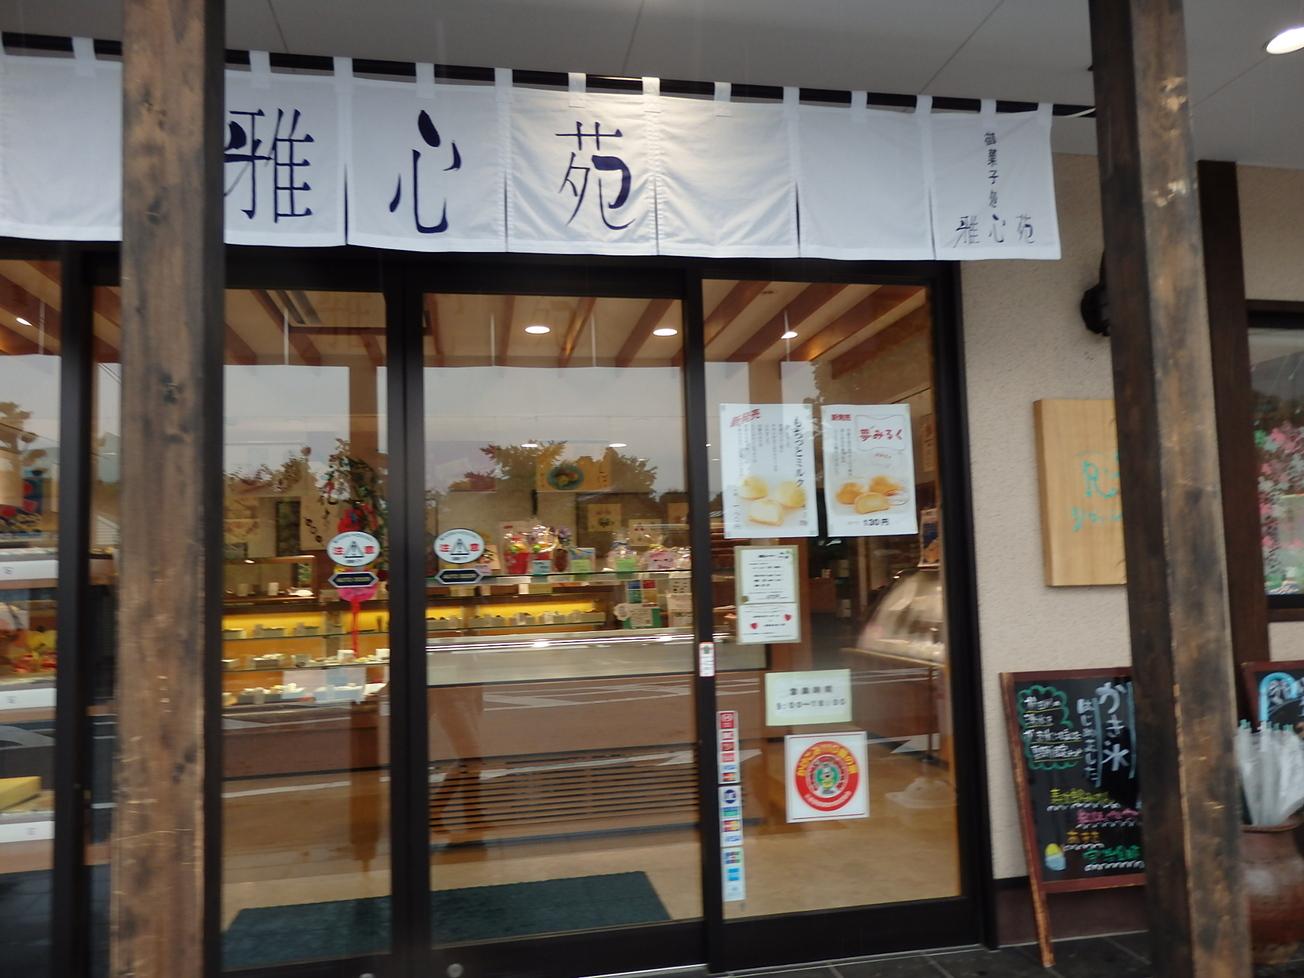 雅心苑 三島店 name=